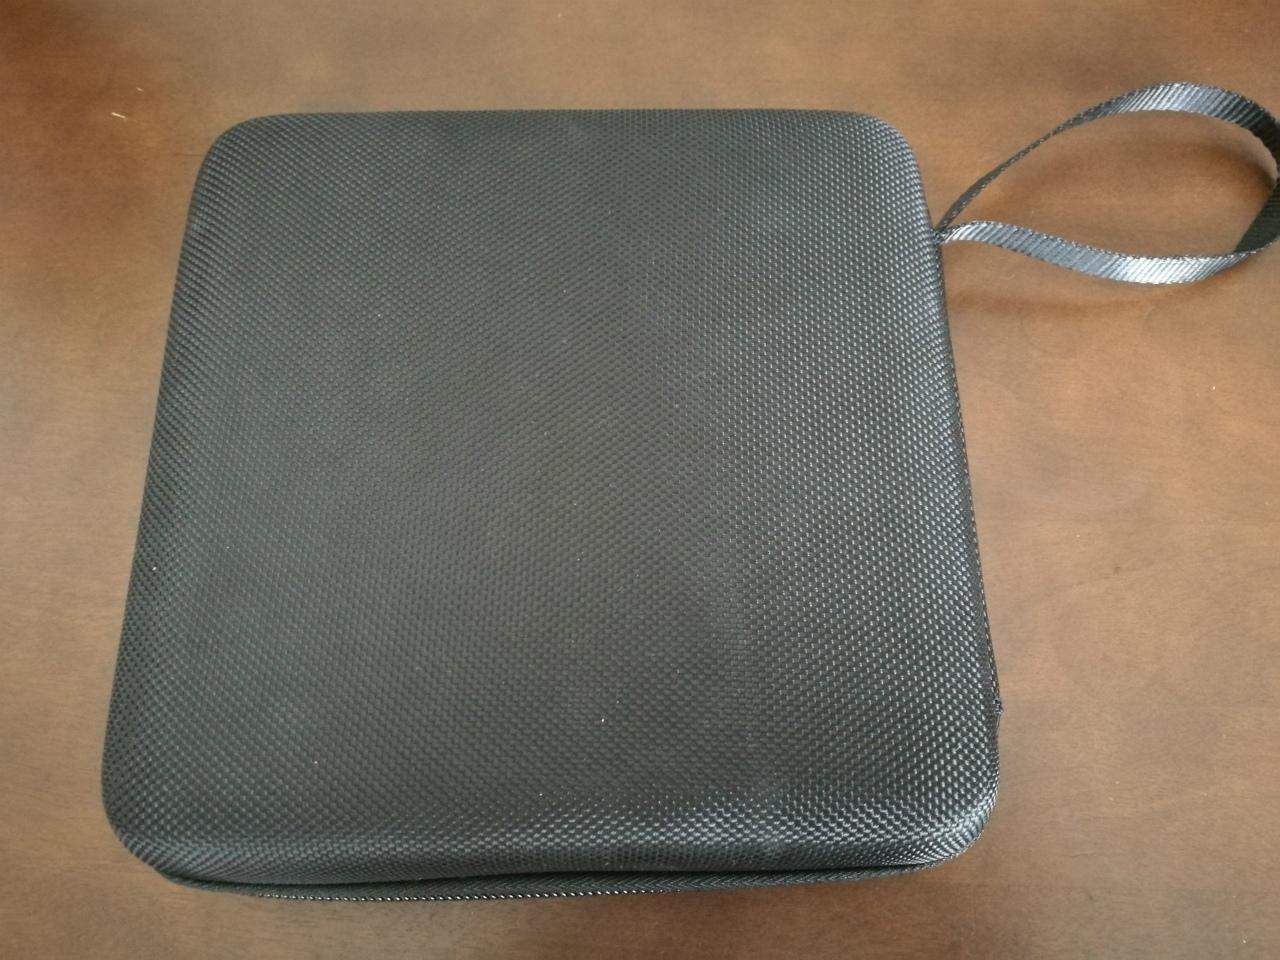 pr-qtop-portable-drive-case-02